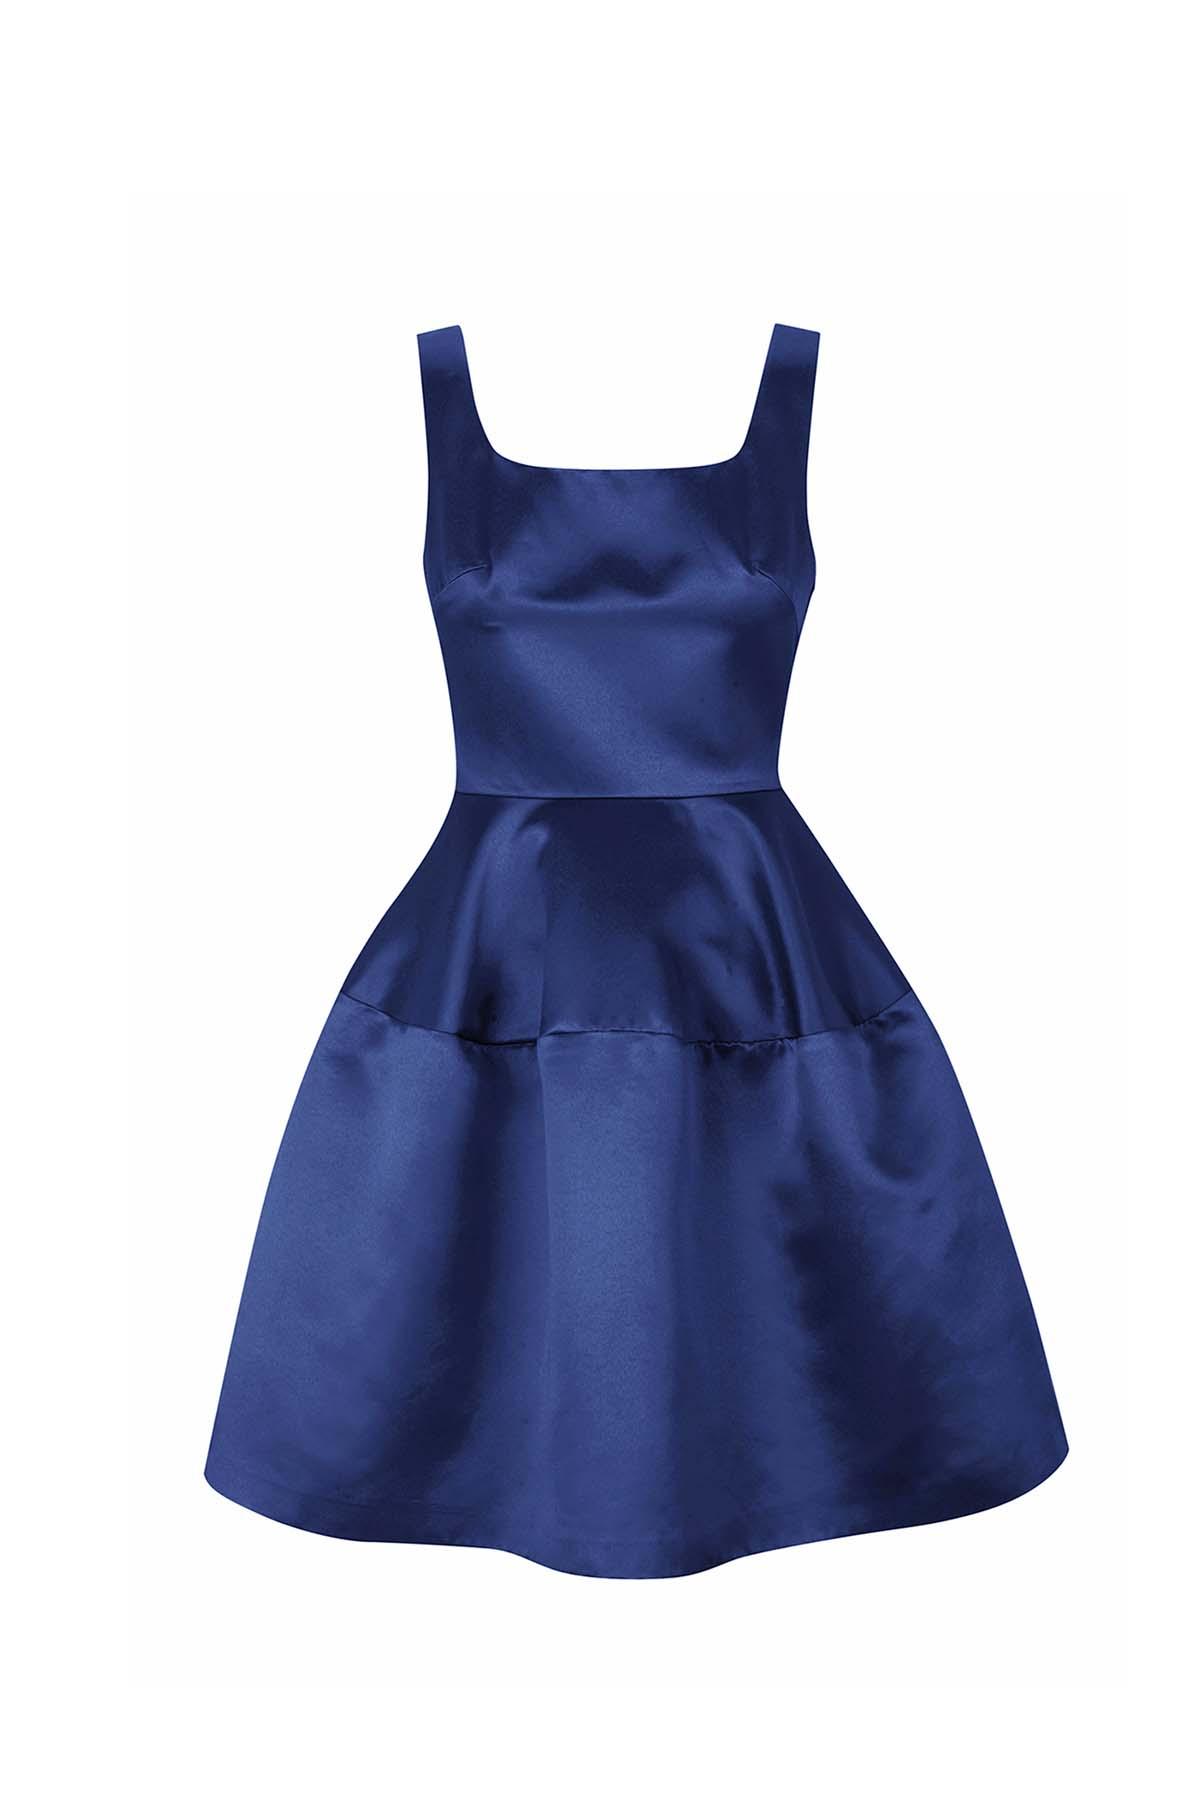 Teria Yabar - Vestido lady satén azul